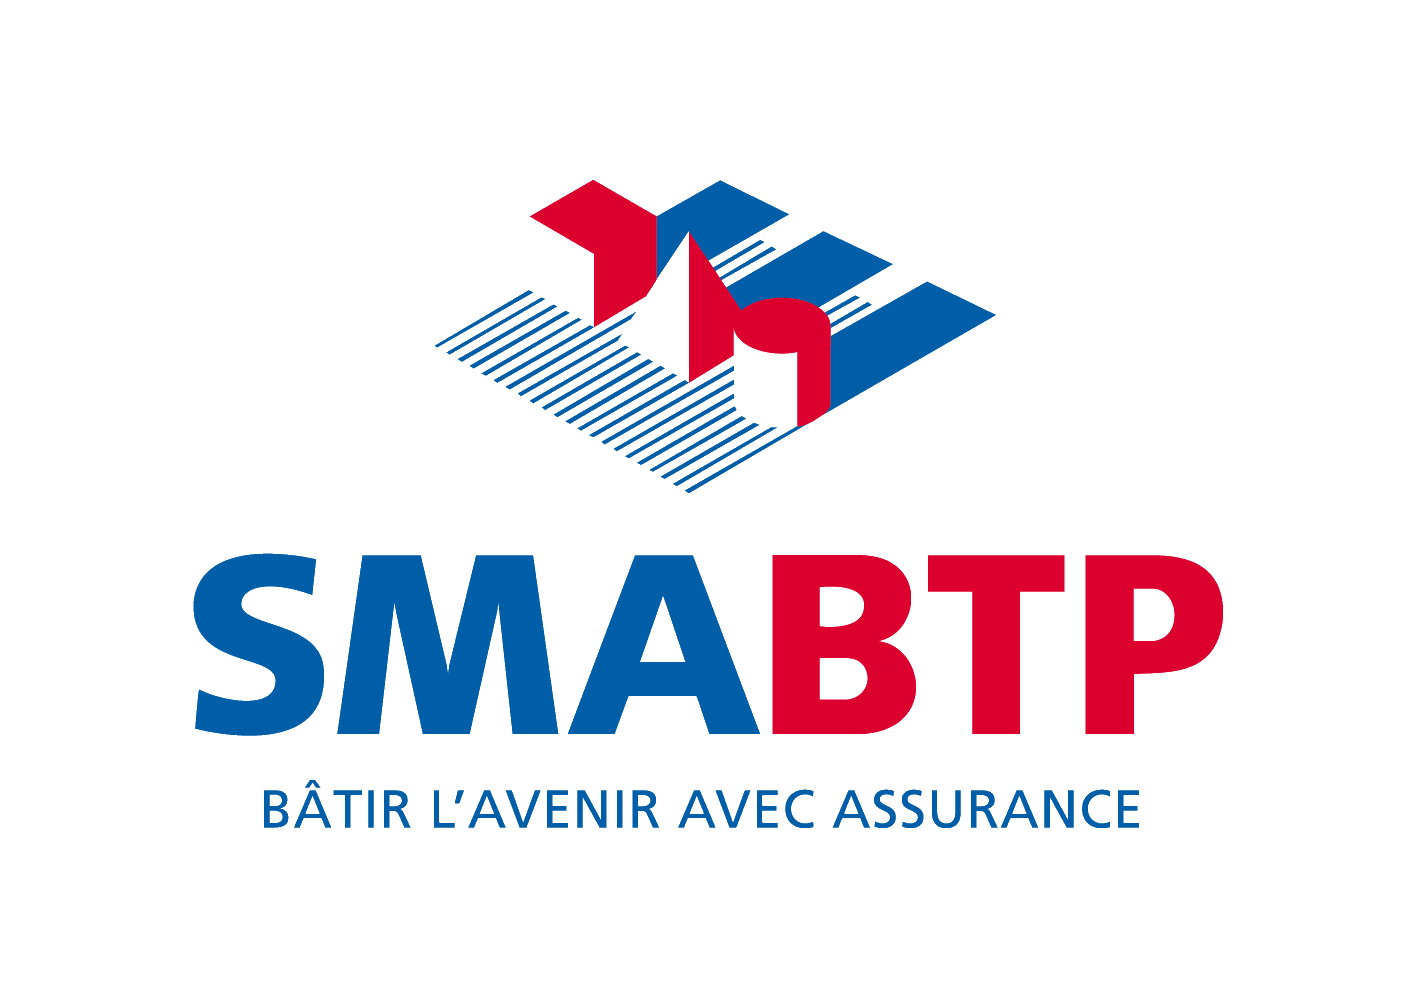 Client SMA BTP